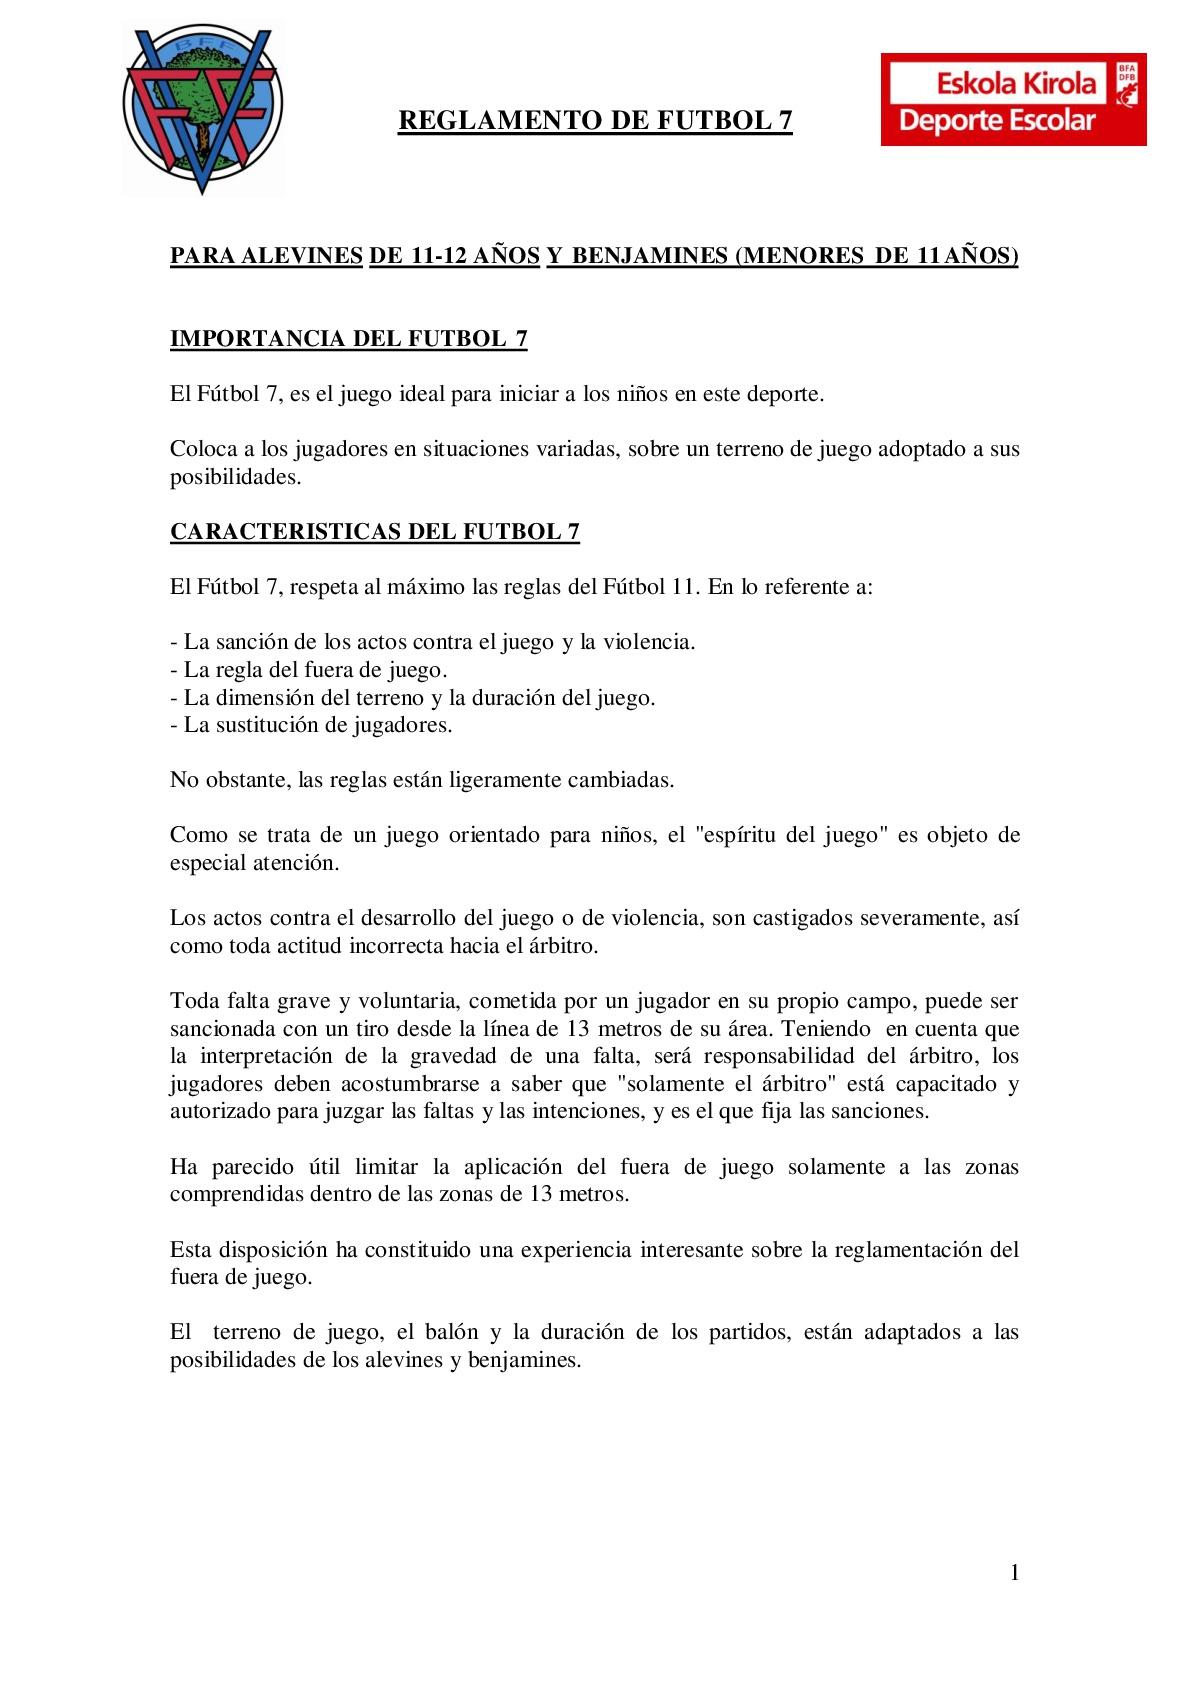 Reglamento-F7-001